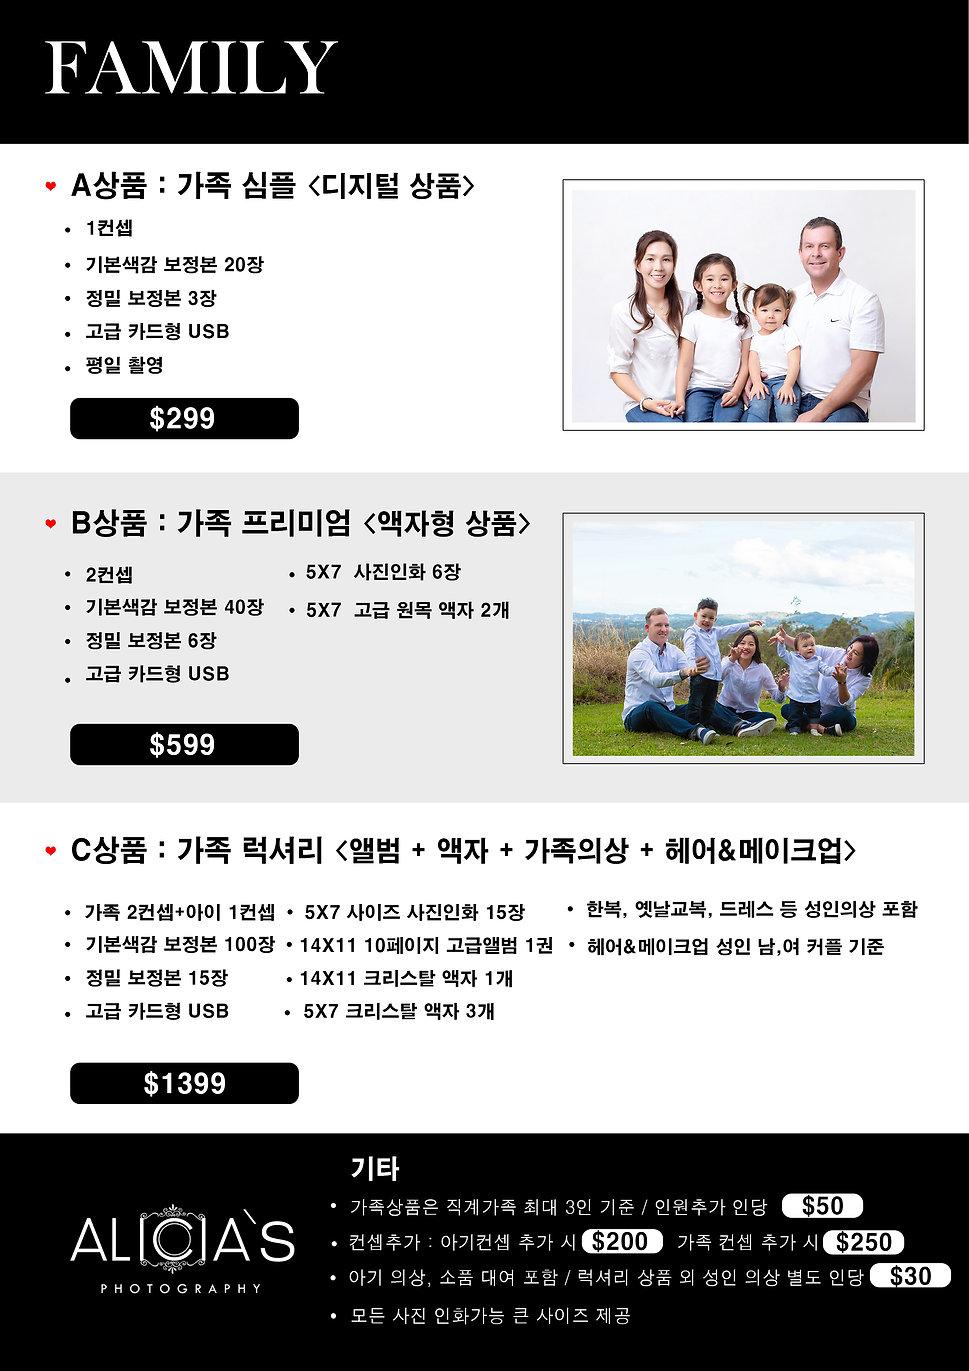 가족가격2020.jpg